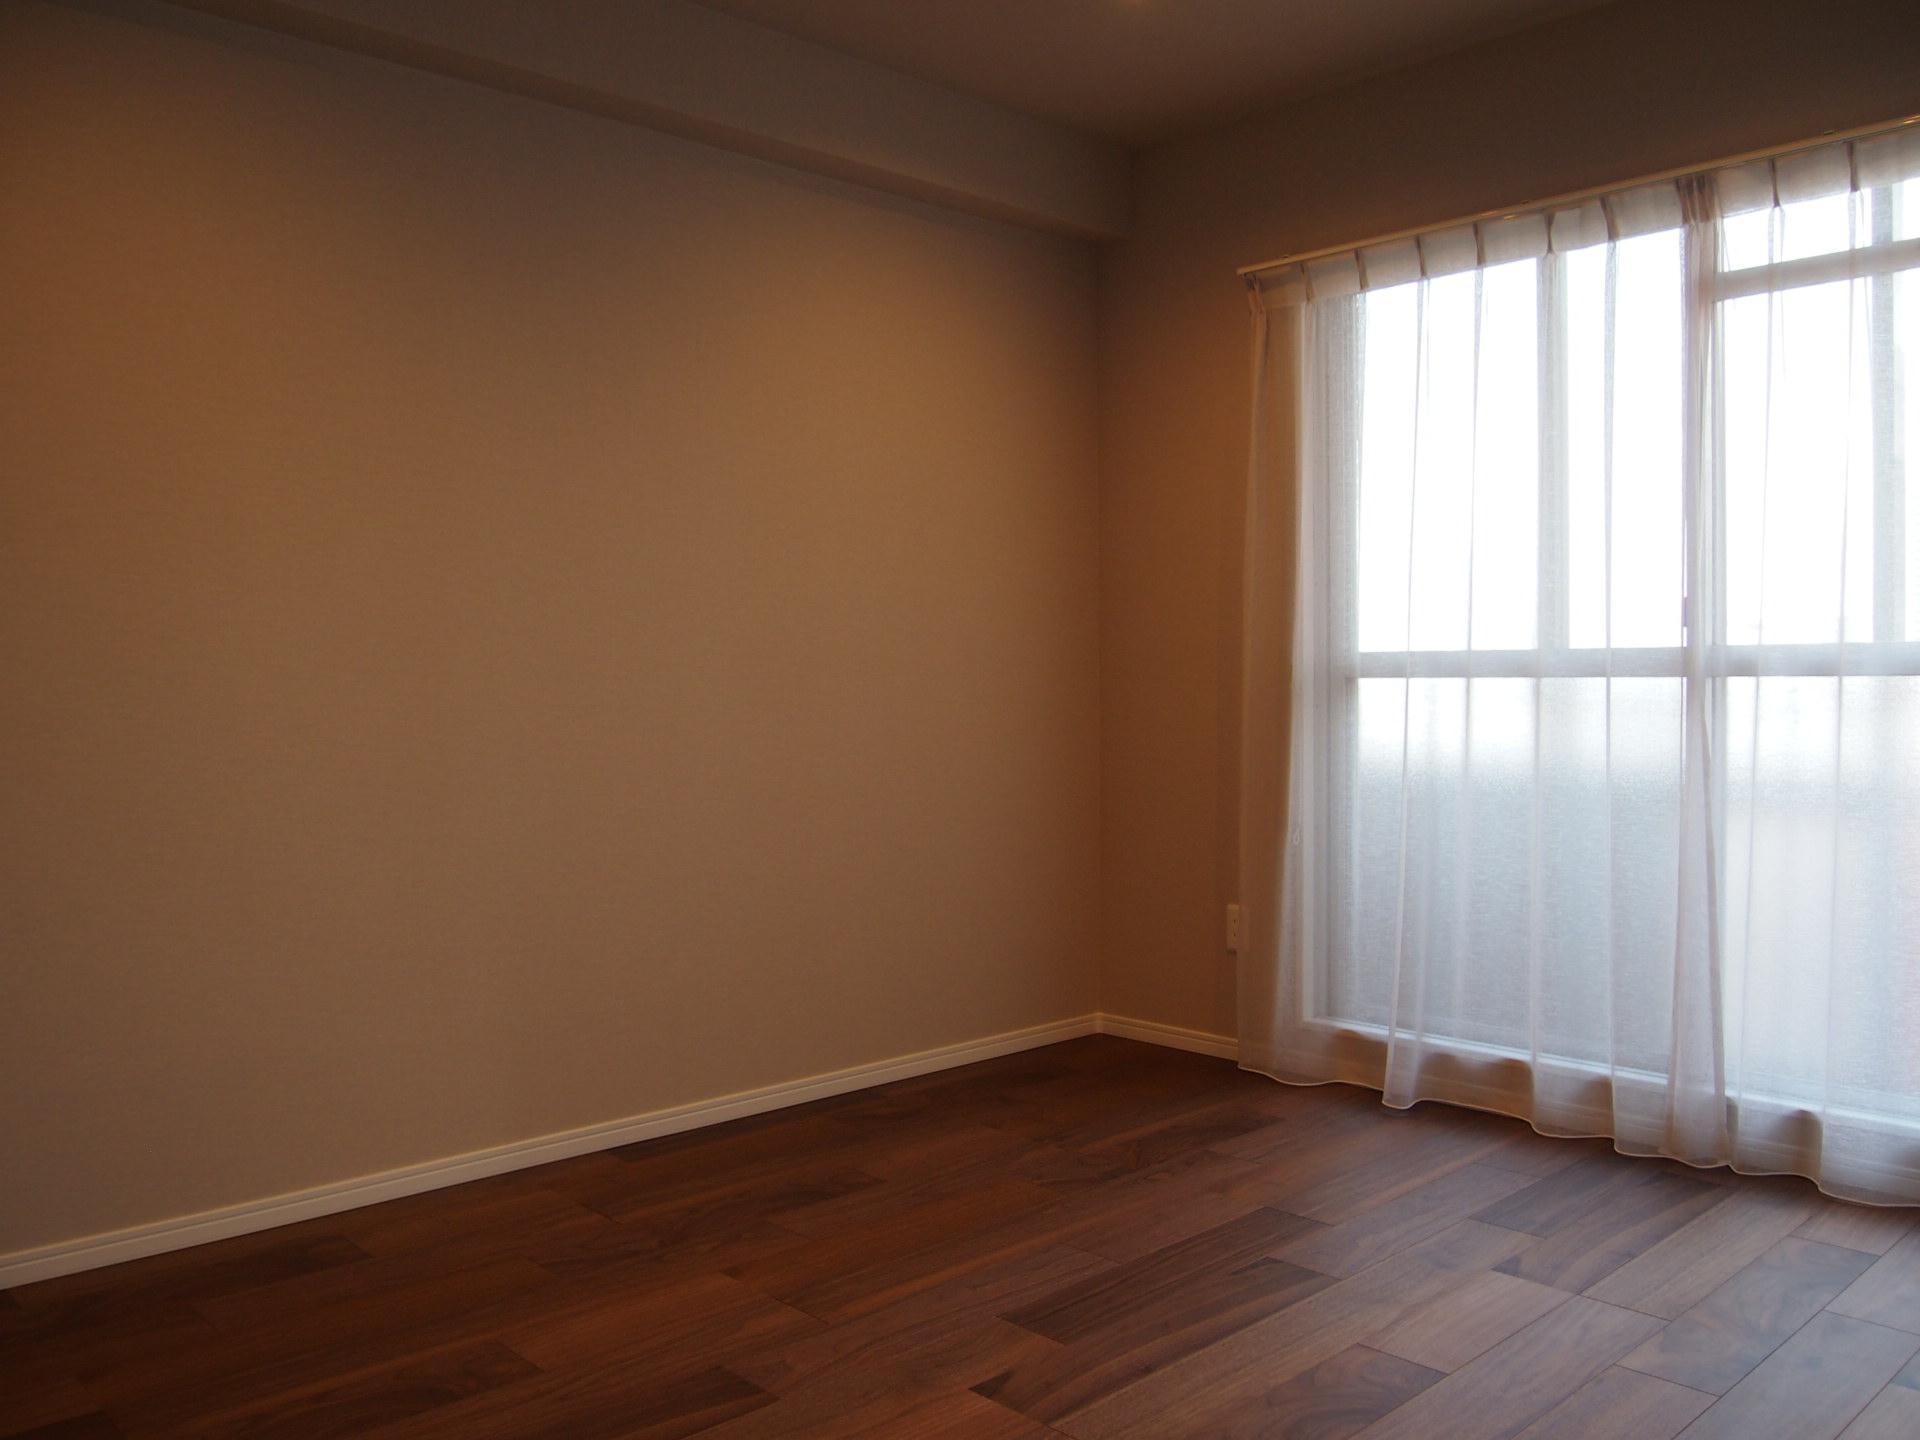 落ち着いた色味の床材もいいですね。